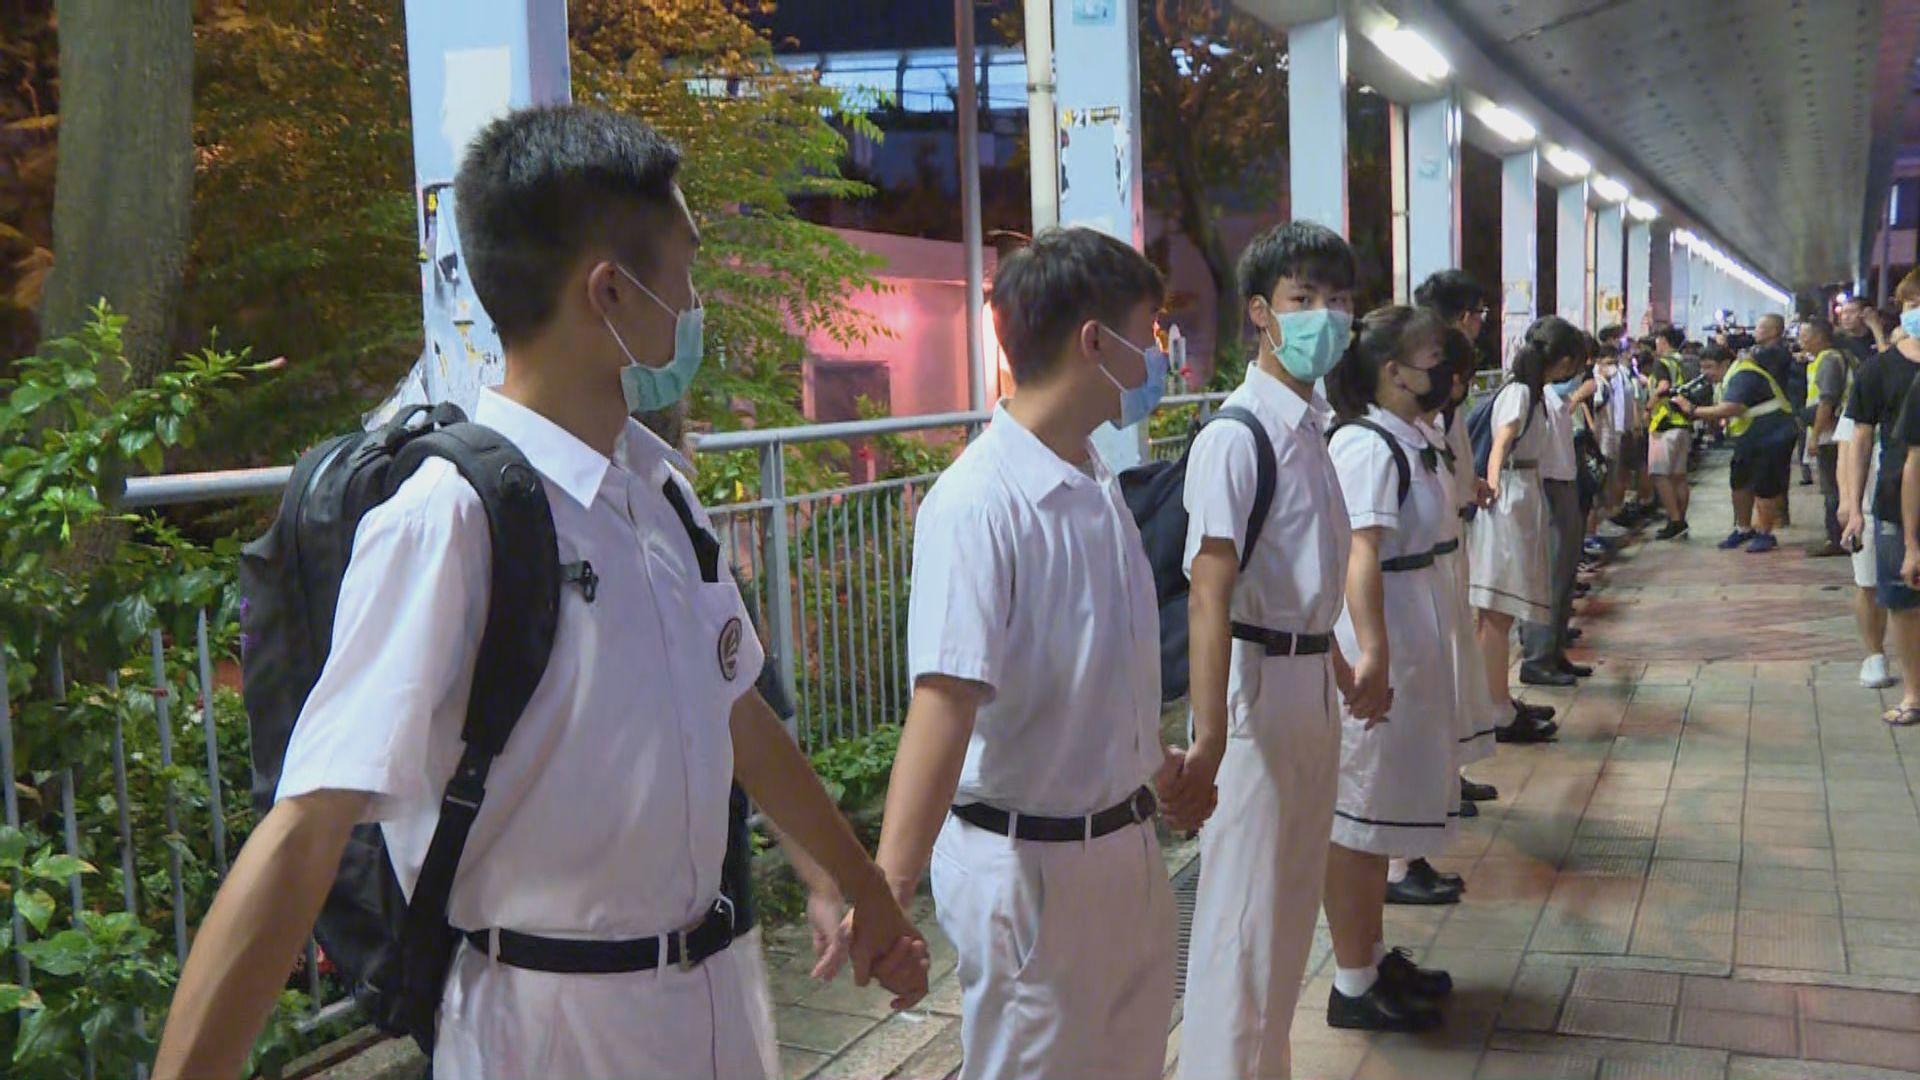 中學生天水圍築成人鏈表達訴求